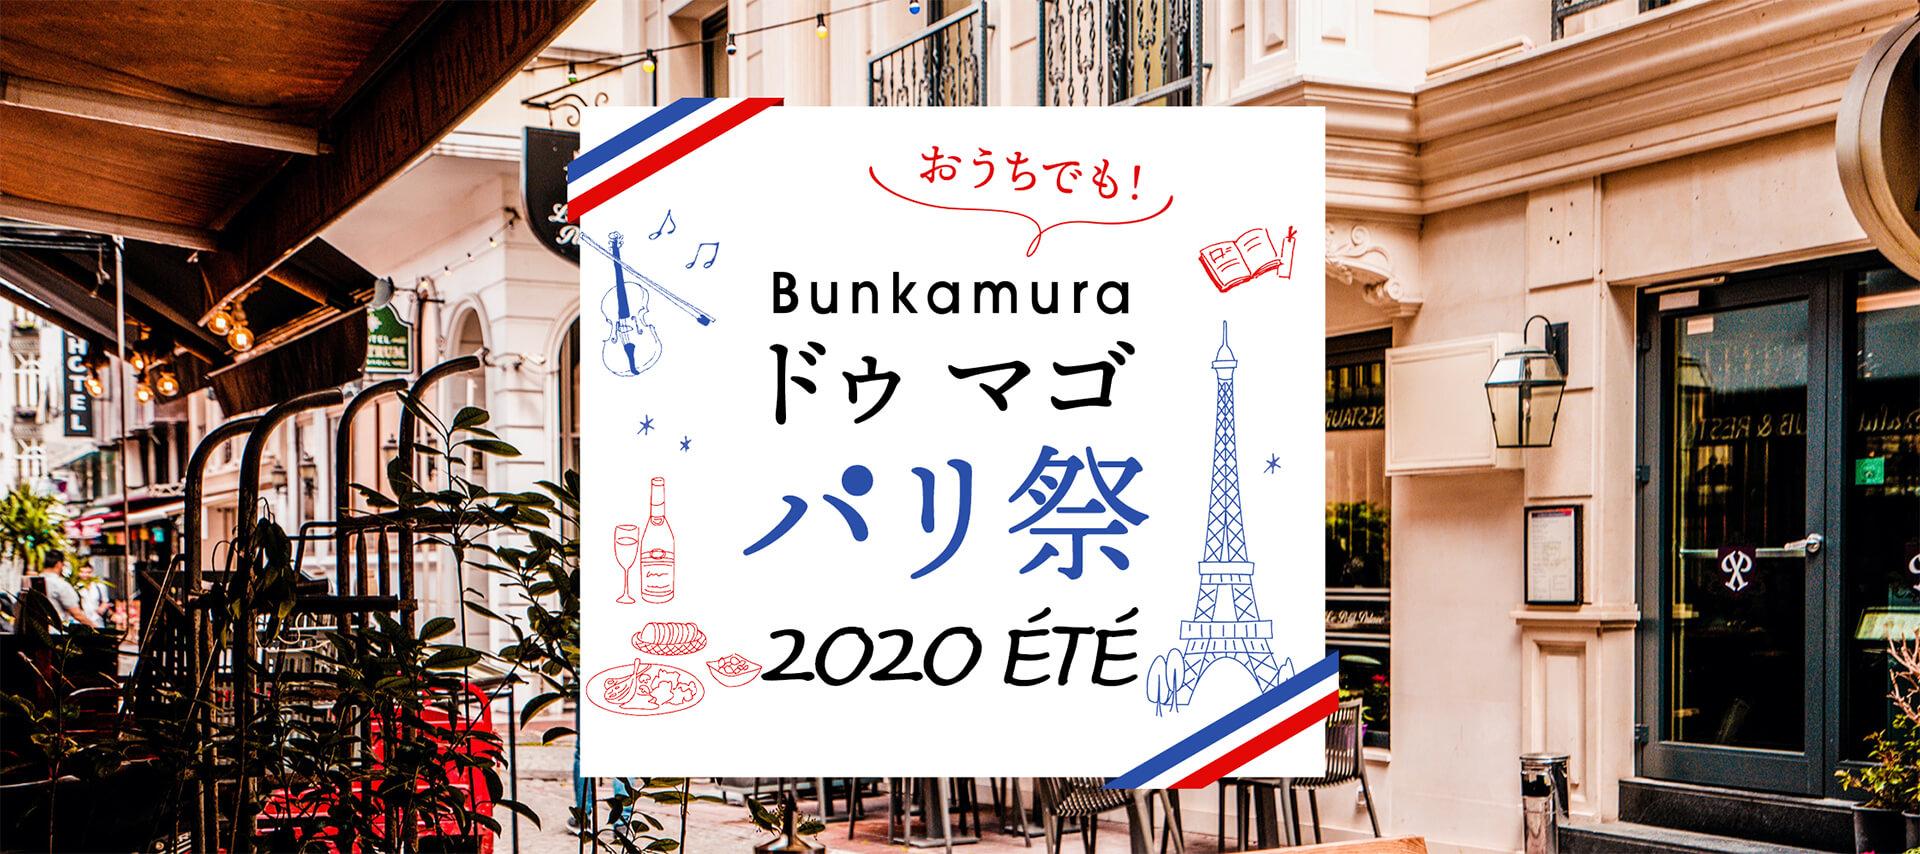 おうちでも!Bunkamura ドゥ マゴ パリ祭2020